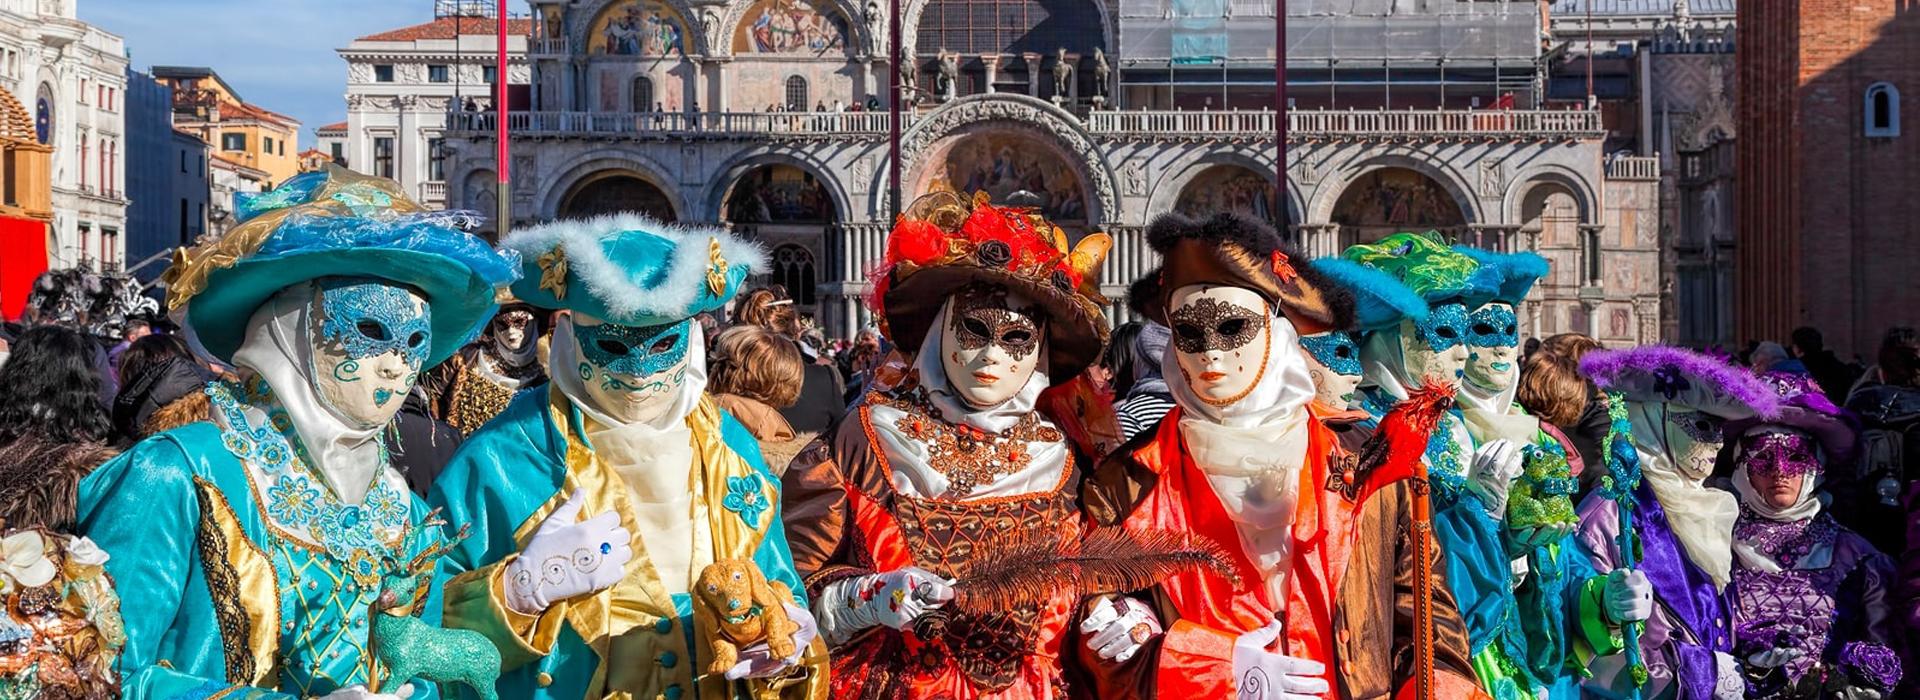 Turistakorlátozás Velencében